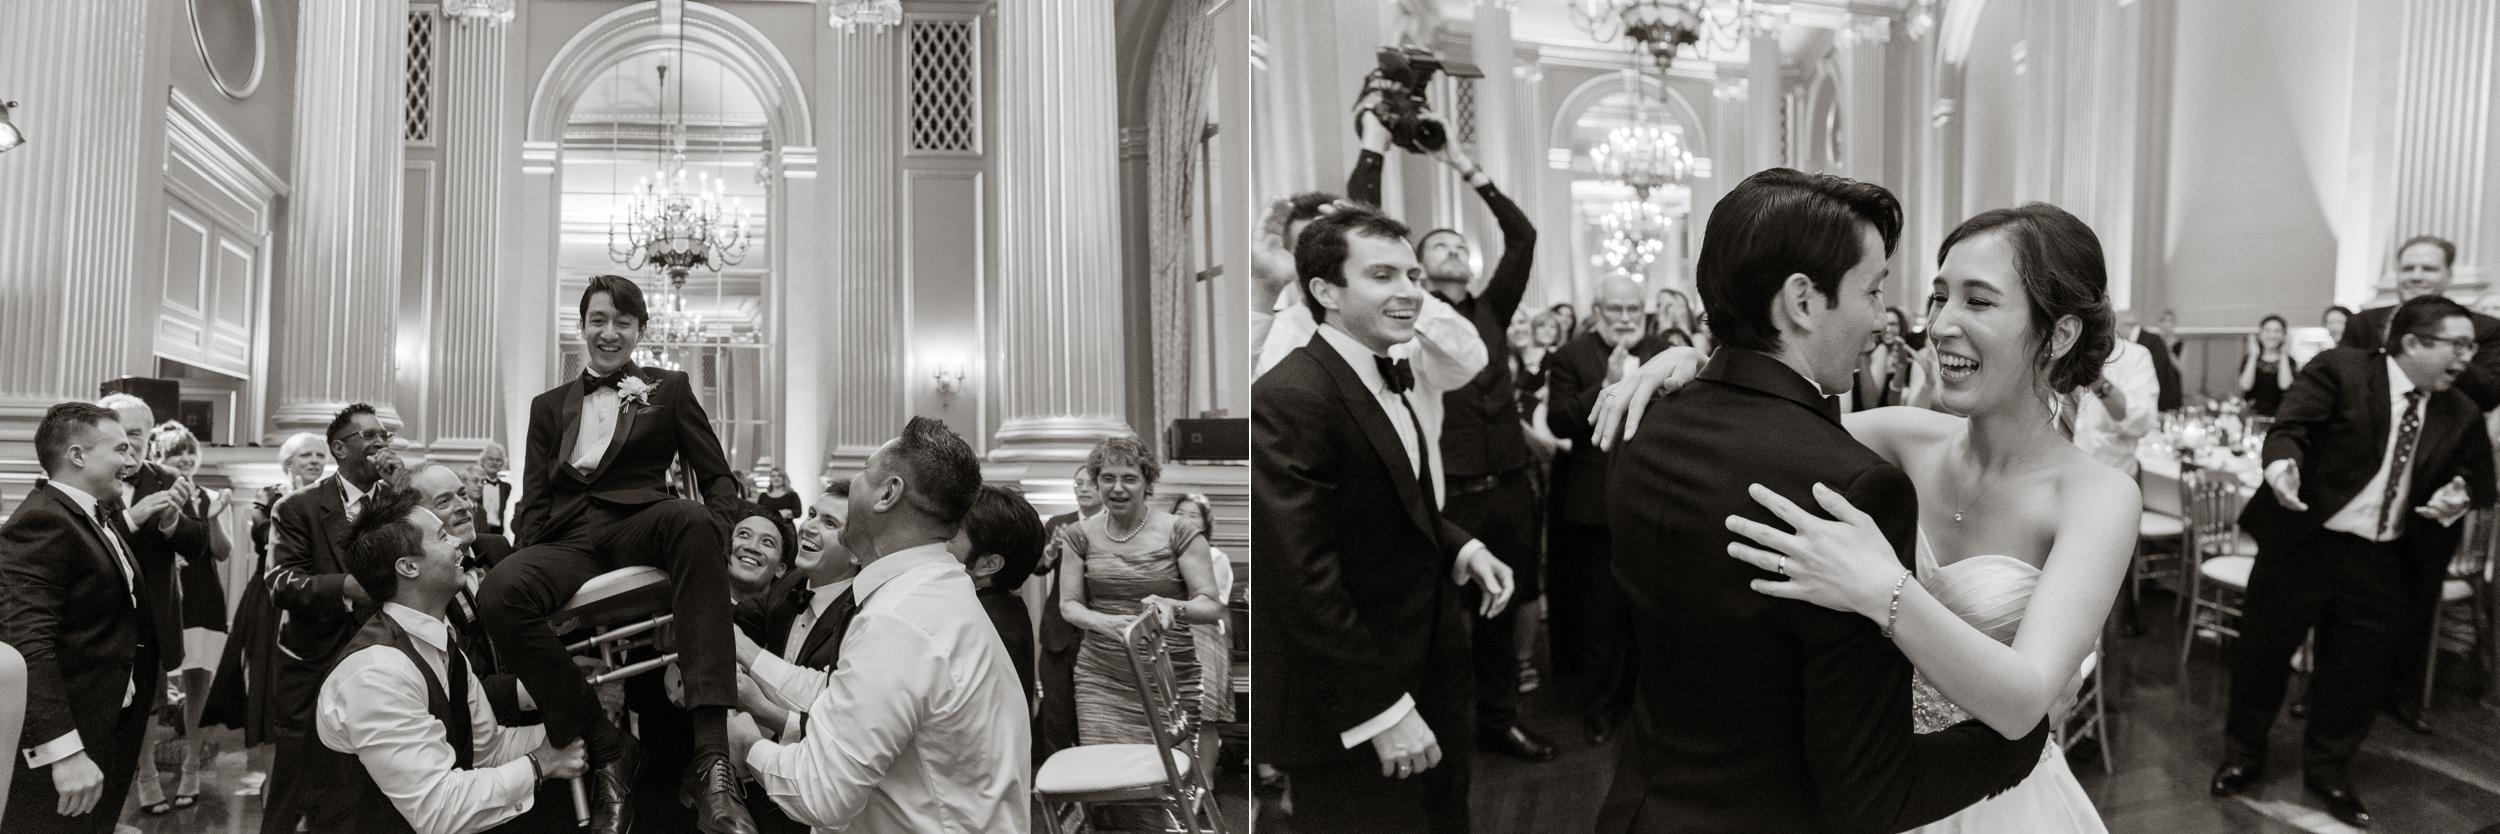 65san-francisco-green-room-wedding-photographer-vivianchen.jpg